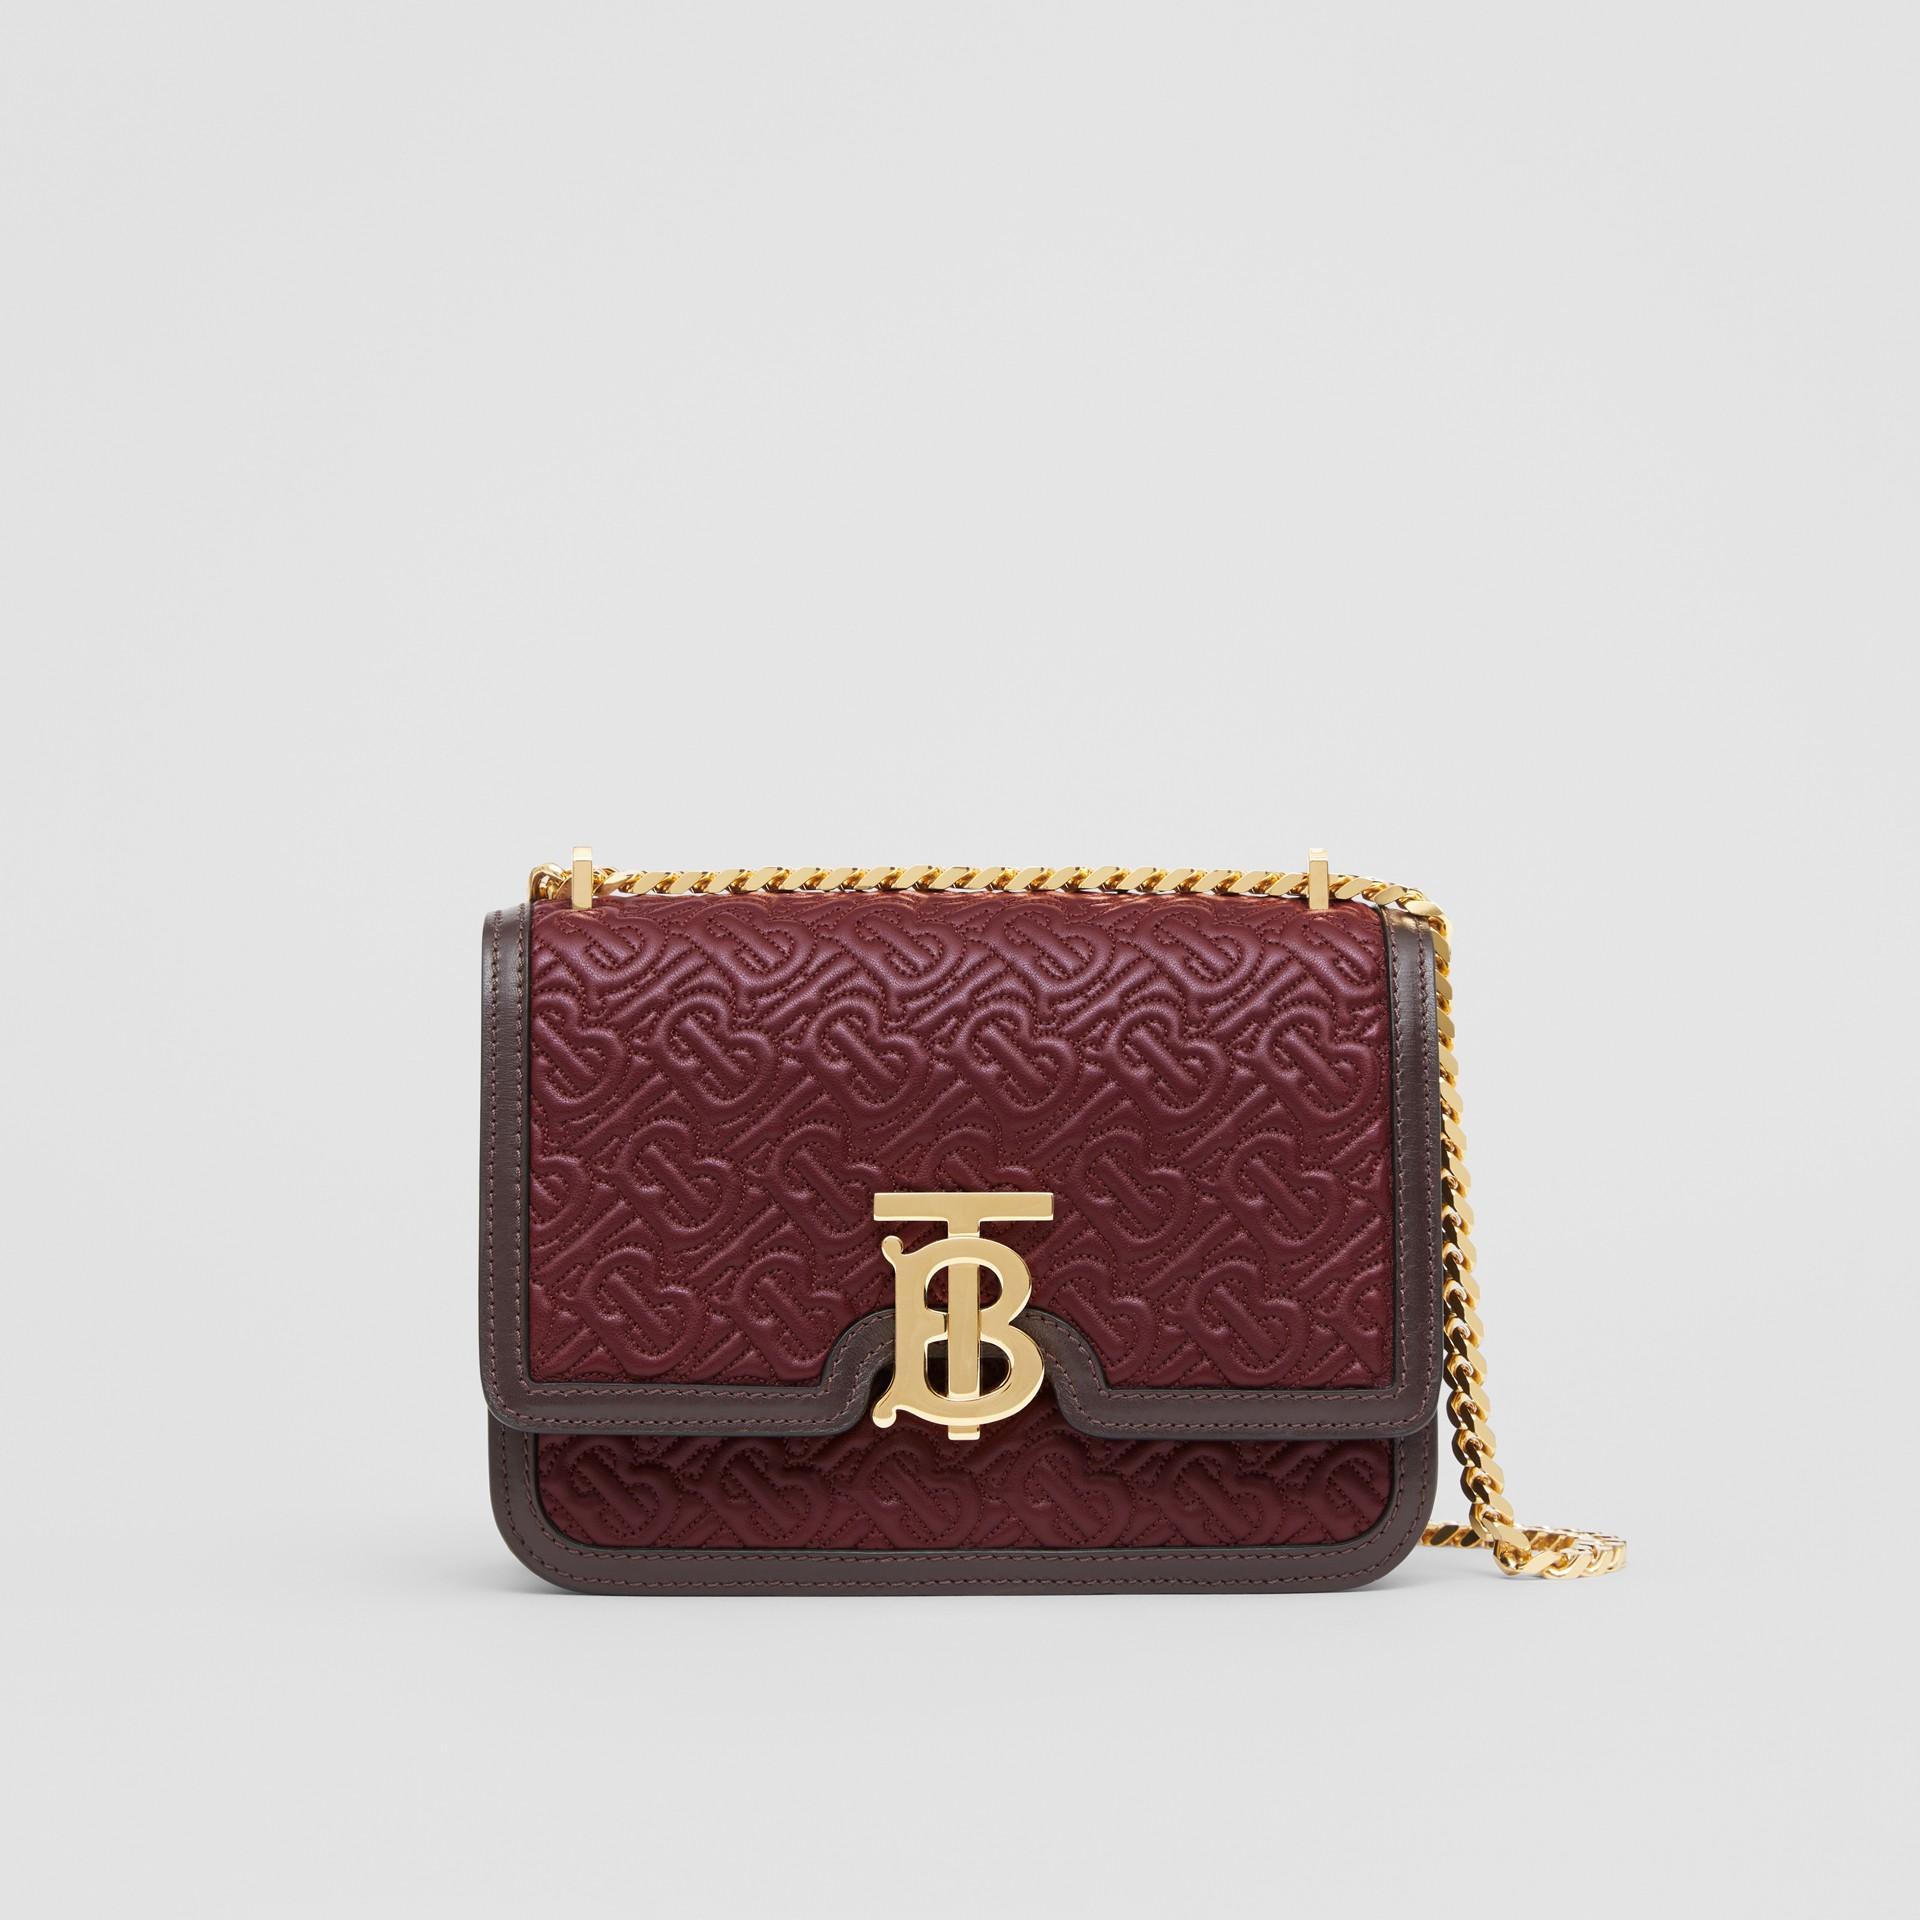 小型絎縫花押字羔羊皮 TB 包 (暗酒紅色) - 女款 | Burberry - 圖庫照片 0